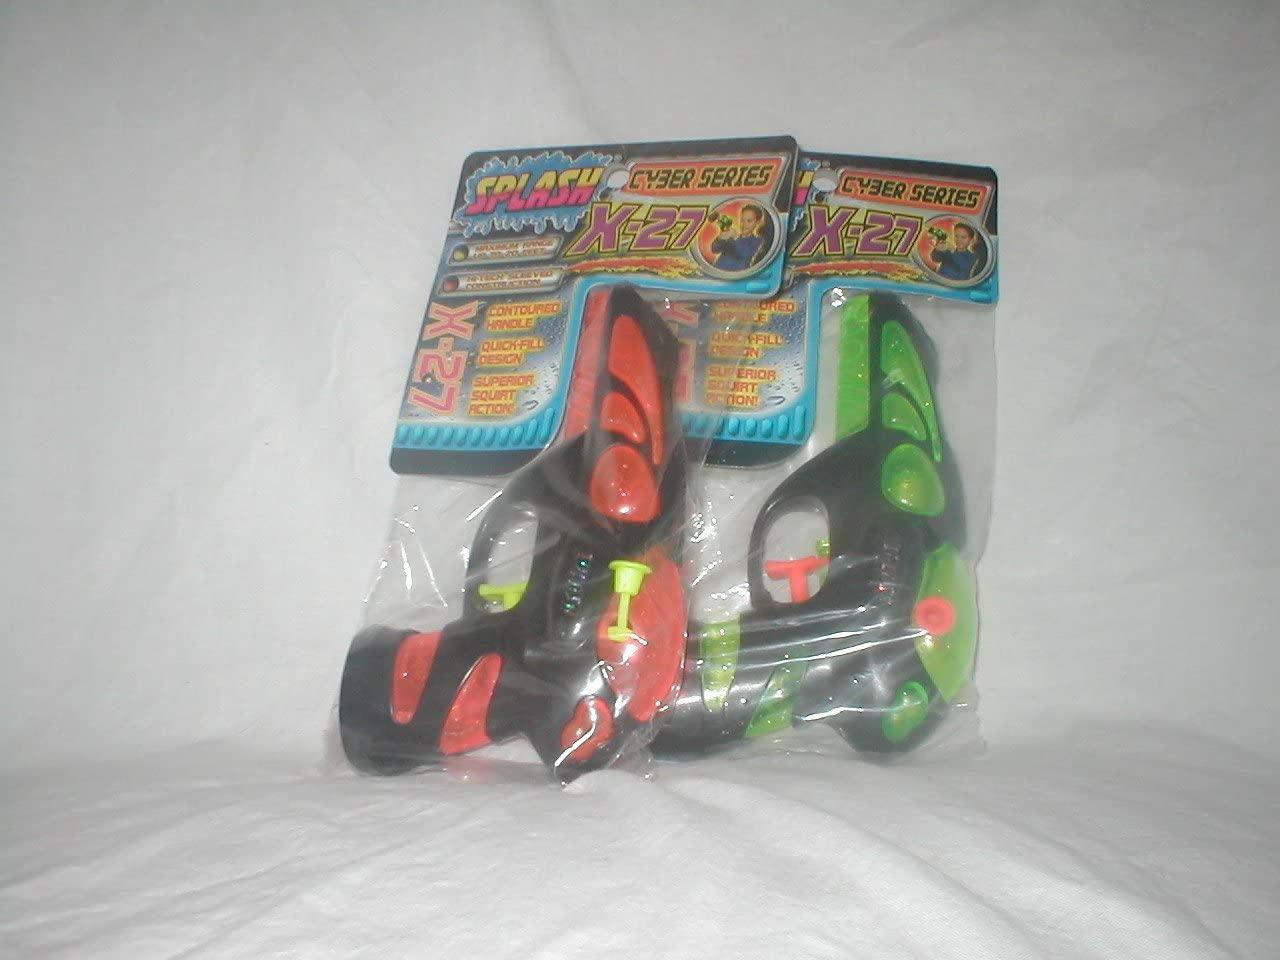 Splash Cyber Series X-27 Water Pistol in Assorted Colors